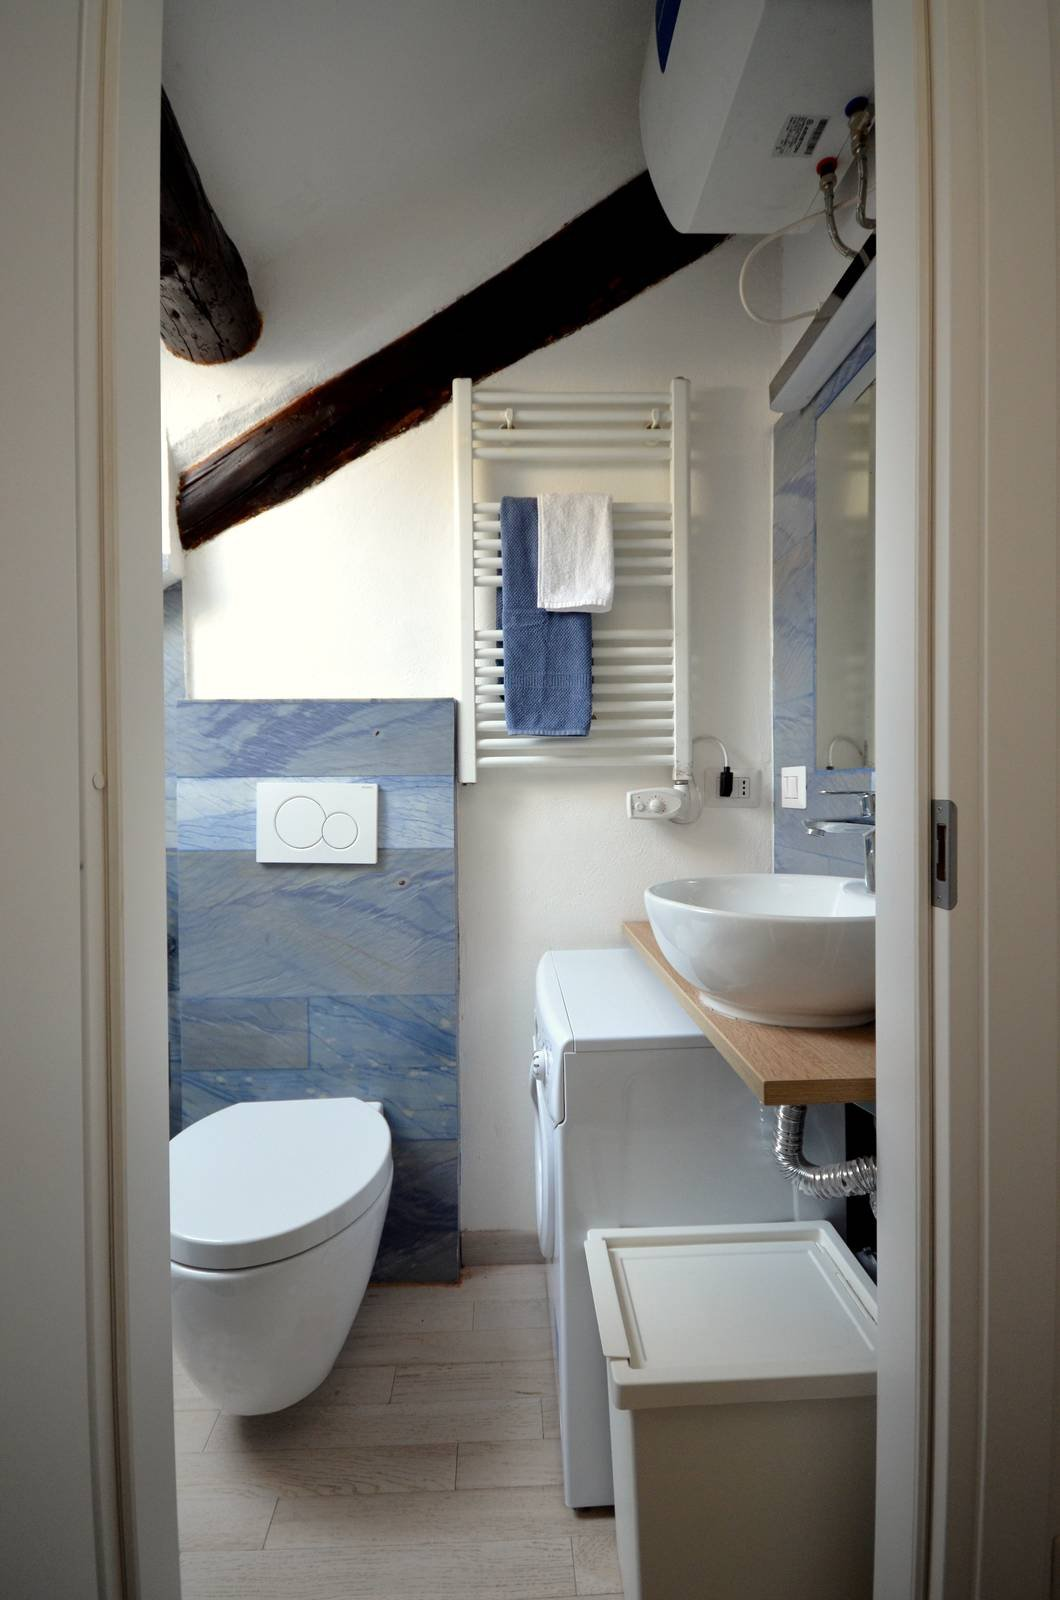 Soluzioni per un bagno piccolo piccolo cose di casa - Design bagno piccolo ...